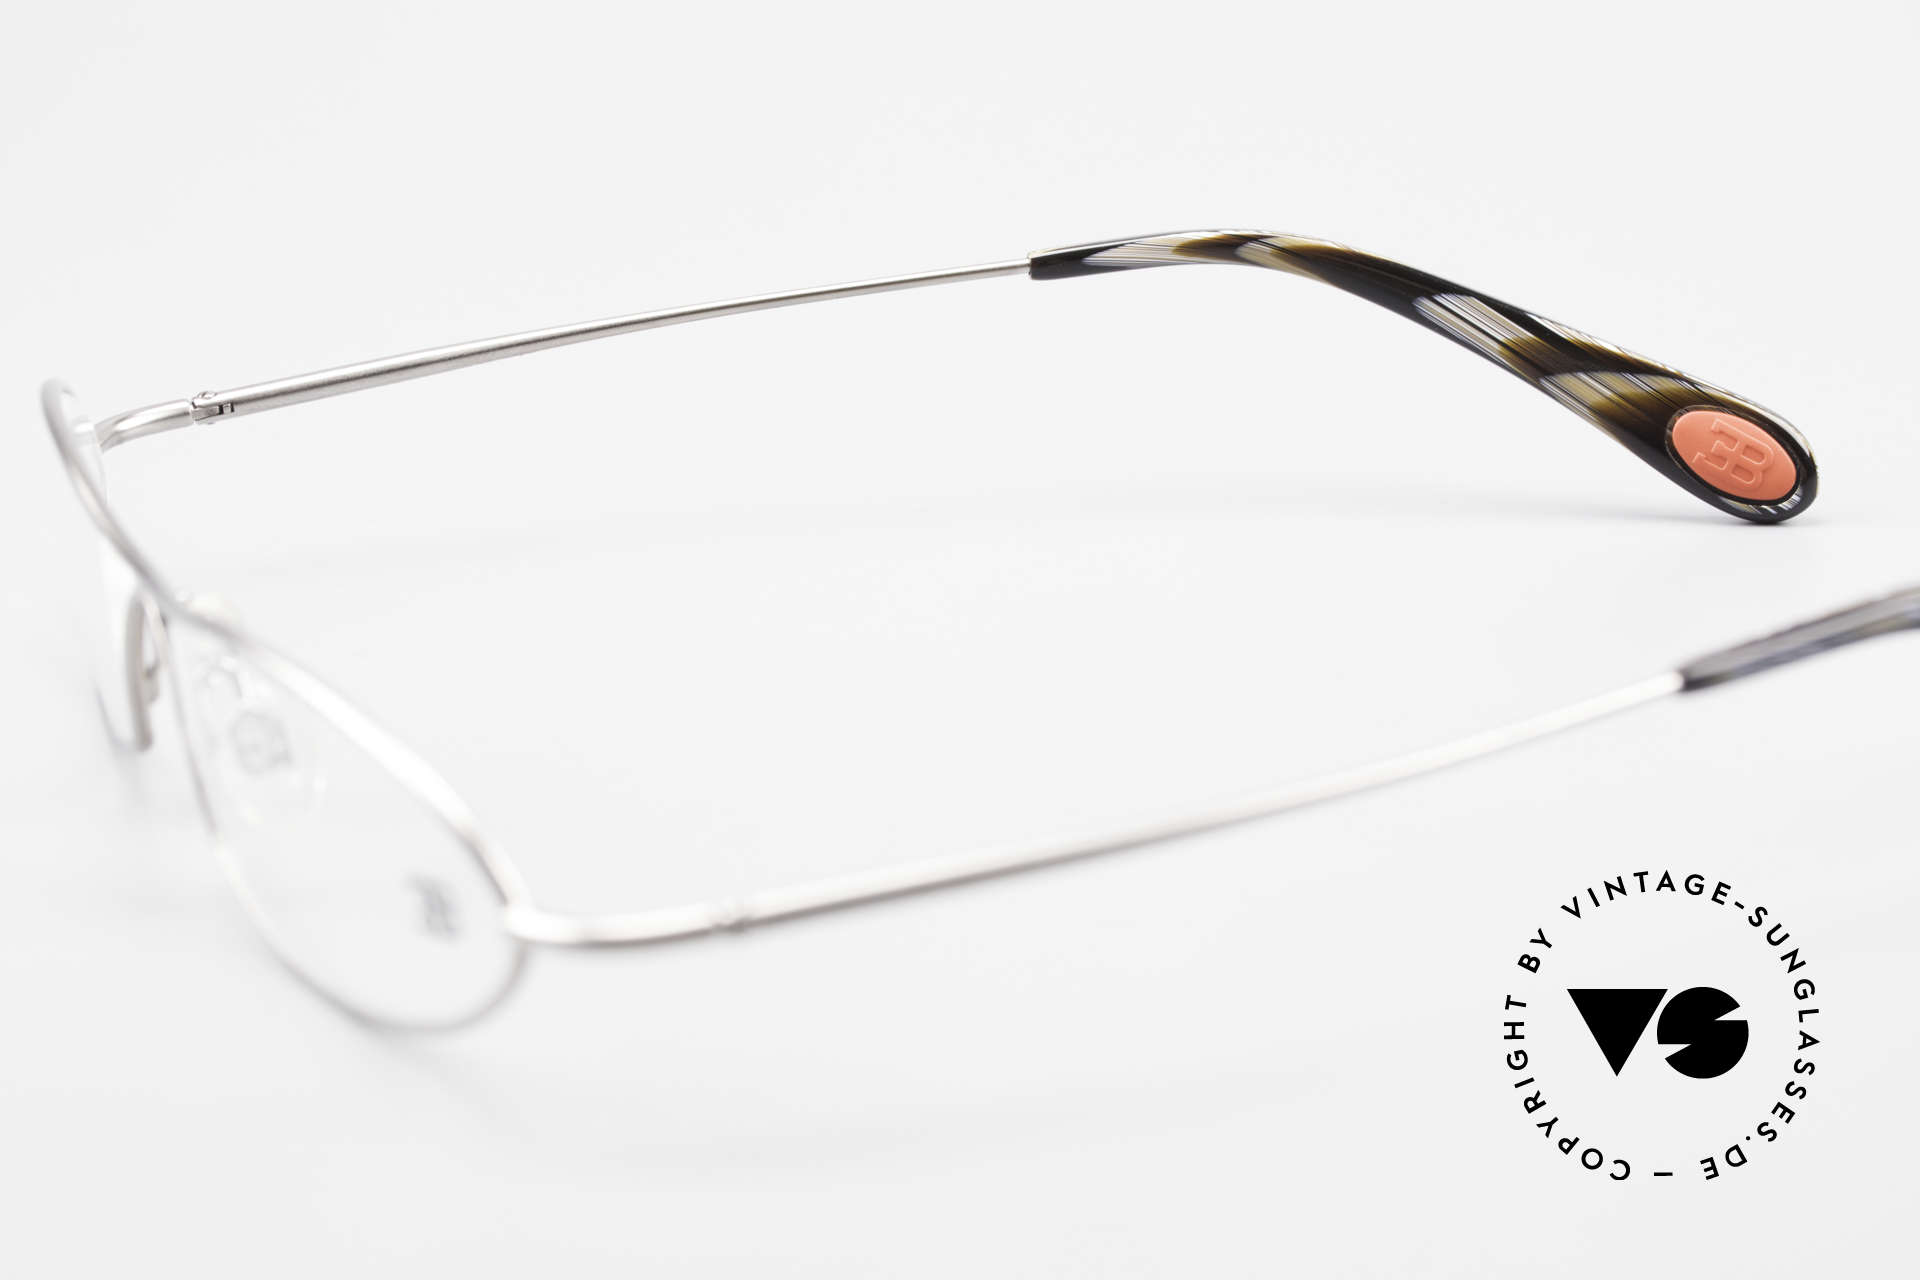 Bugatti 341 Odotype Herren Designer Vintage Brille, Modell als Brille oder Sonnenbrille verglasbar, Passend für Herren